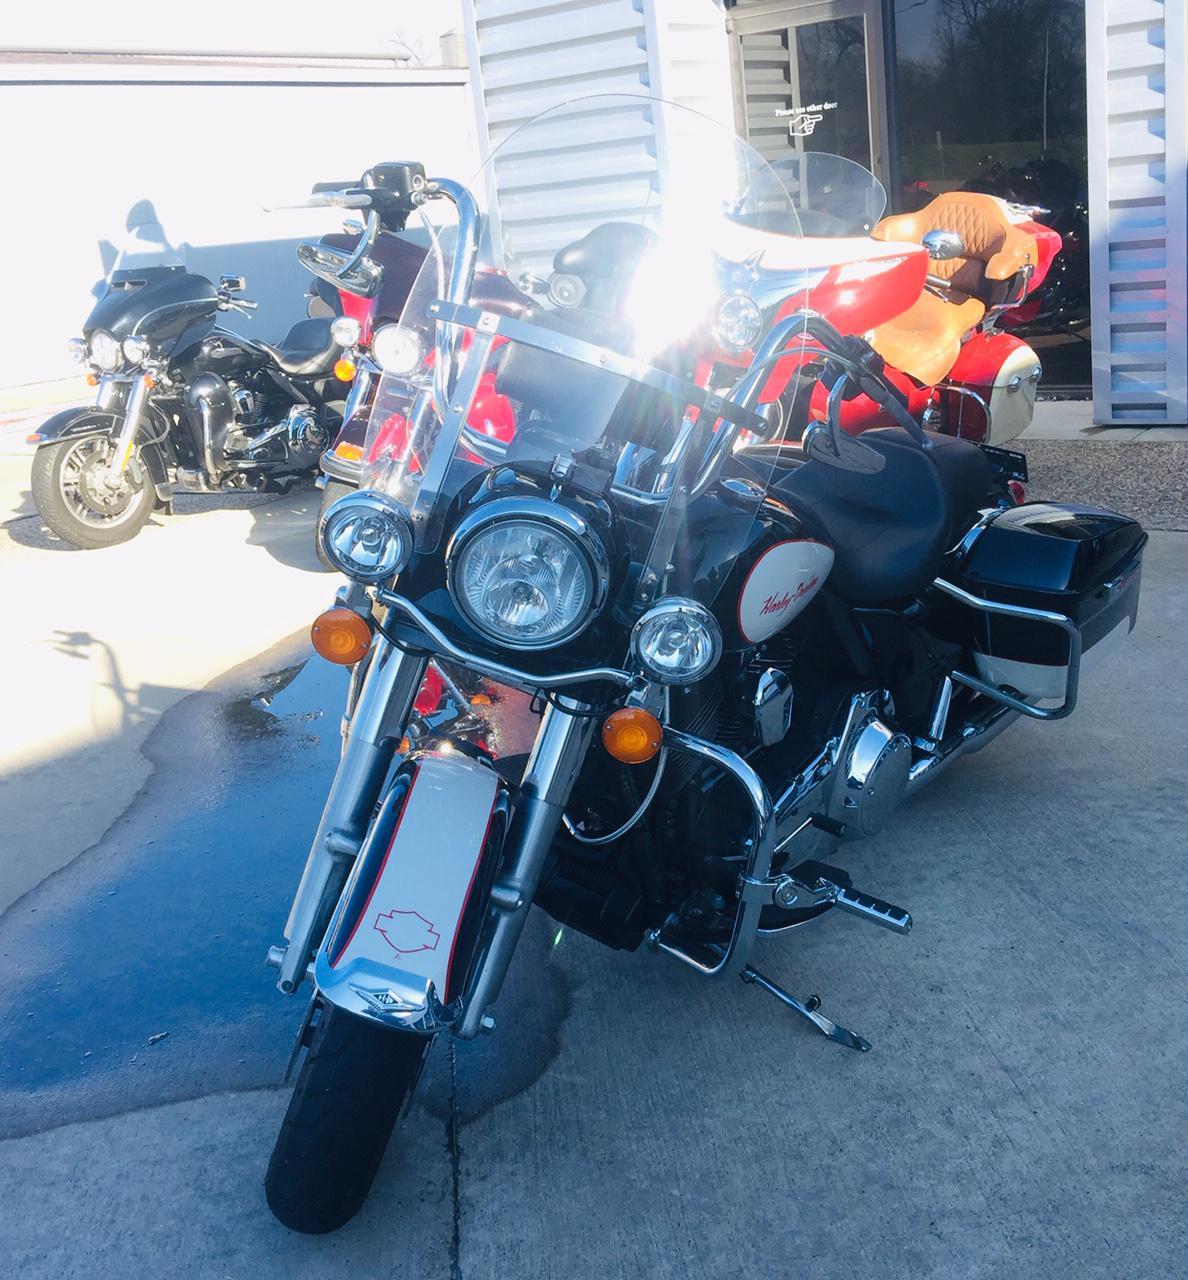 2014 Harley-Davidson® POLICE BIKE for sale in Shreveport, LA